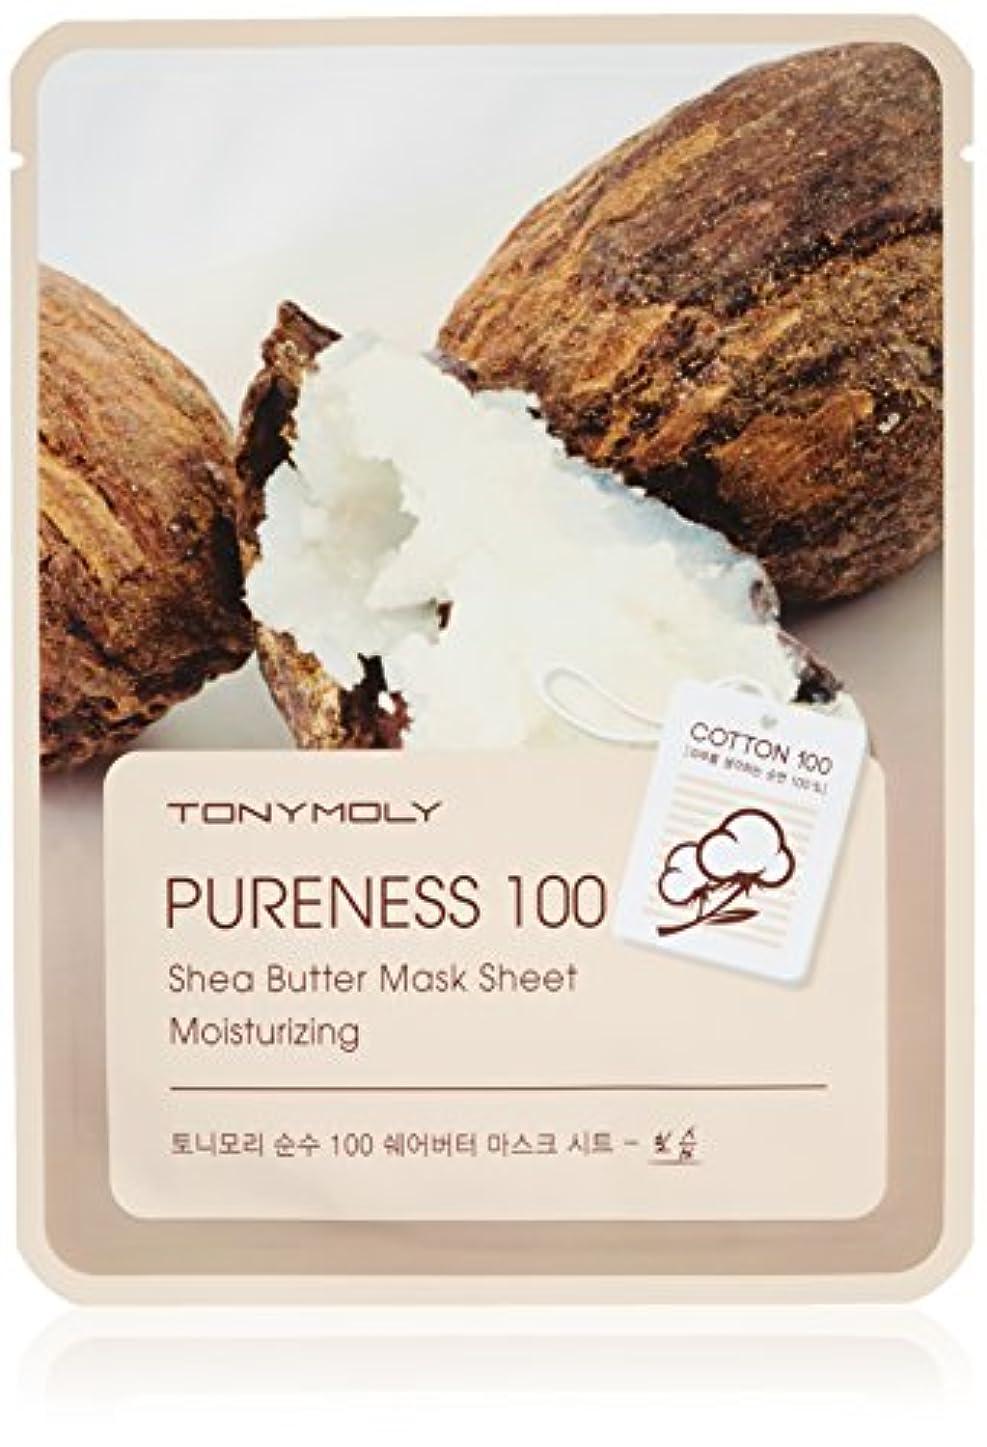 アミューズエステート官僚TONYMOLY Pureness 100 Shea Butter Mask Sheet Moisturizing (並行輸入品)